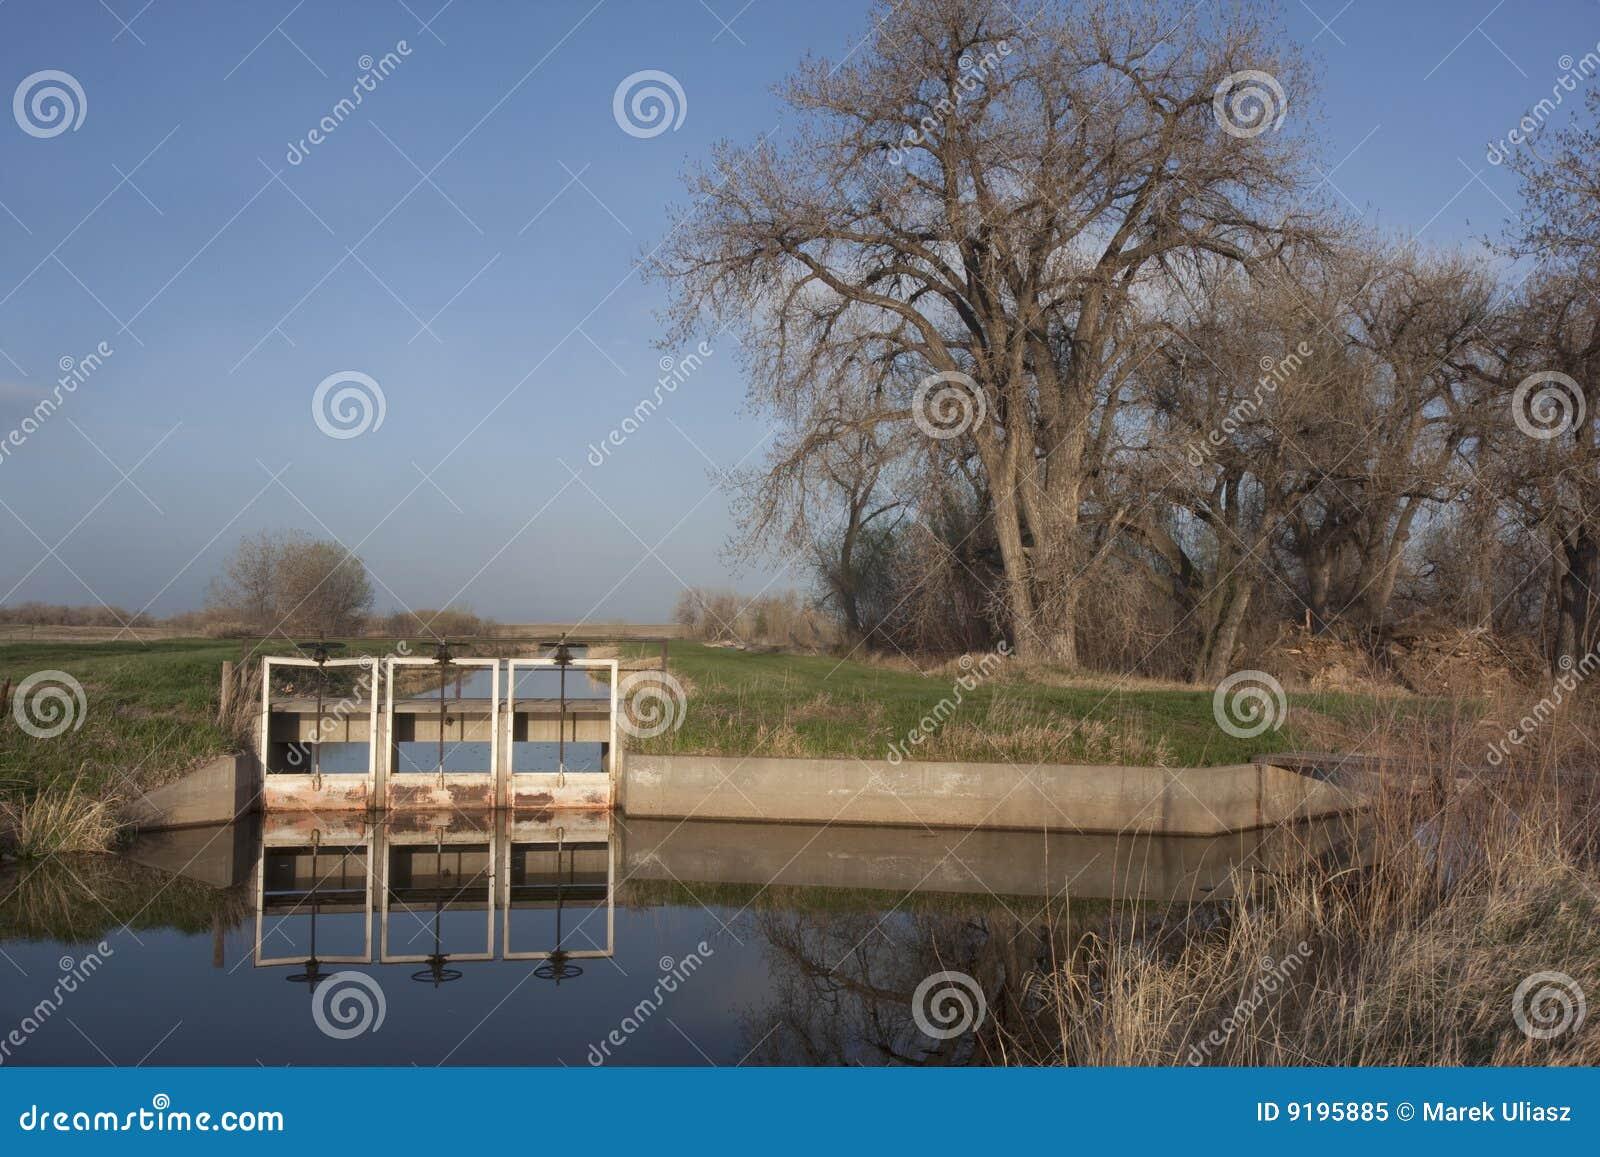 De irrigatiekanalen van het water in de landbouwgrond van colorado stock afbeelding afbeelding - Groen behang van het water ...